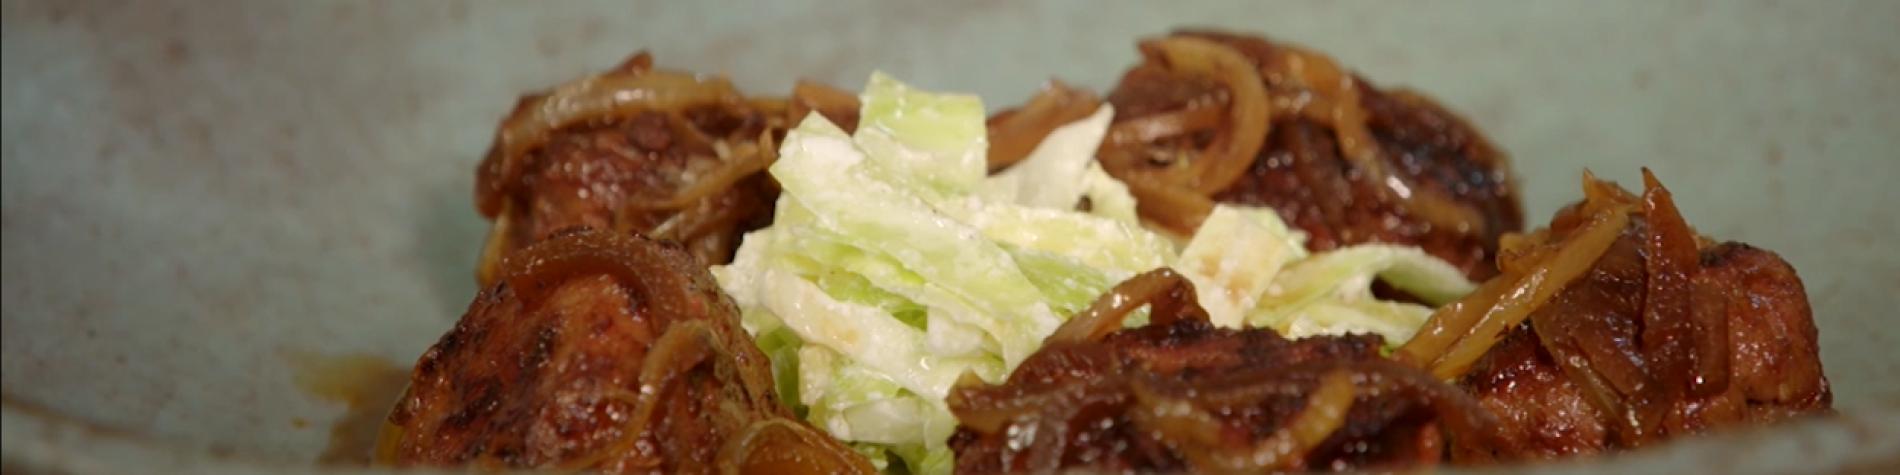 Recettes - cuisine - Julien Lapraille - boulets - liegeois